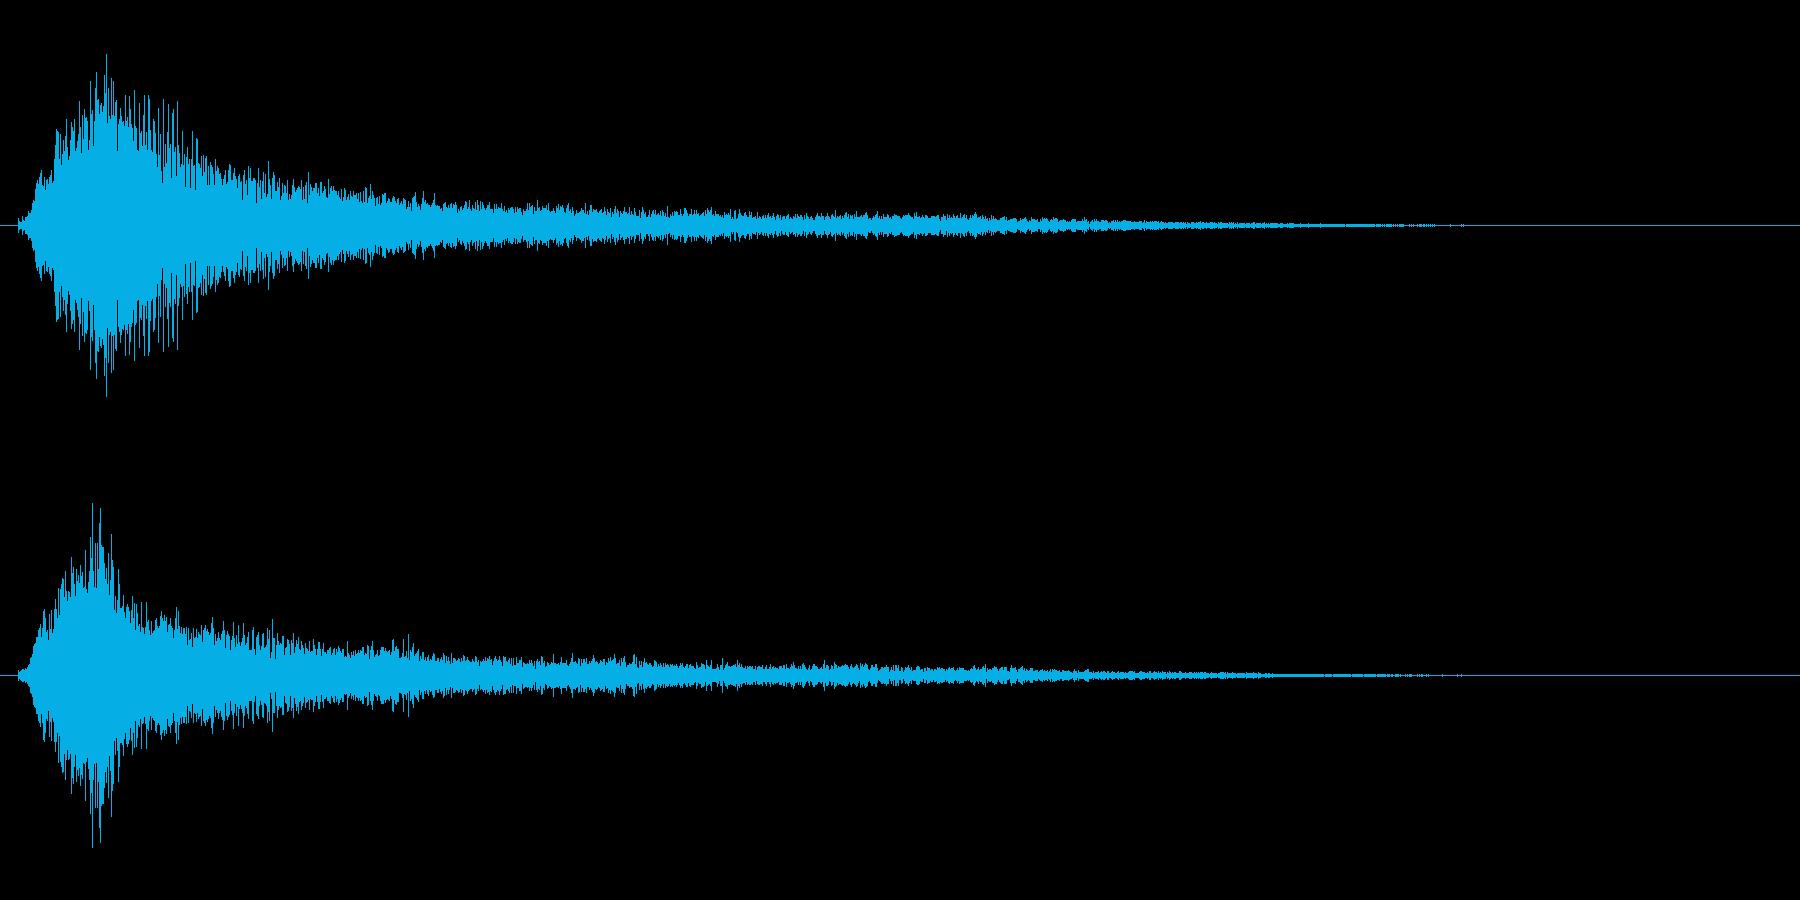 サスペンスに最適!ピアノの弦を弄ぶ音31の再生済みの波形